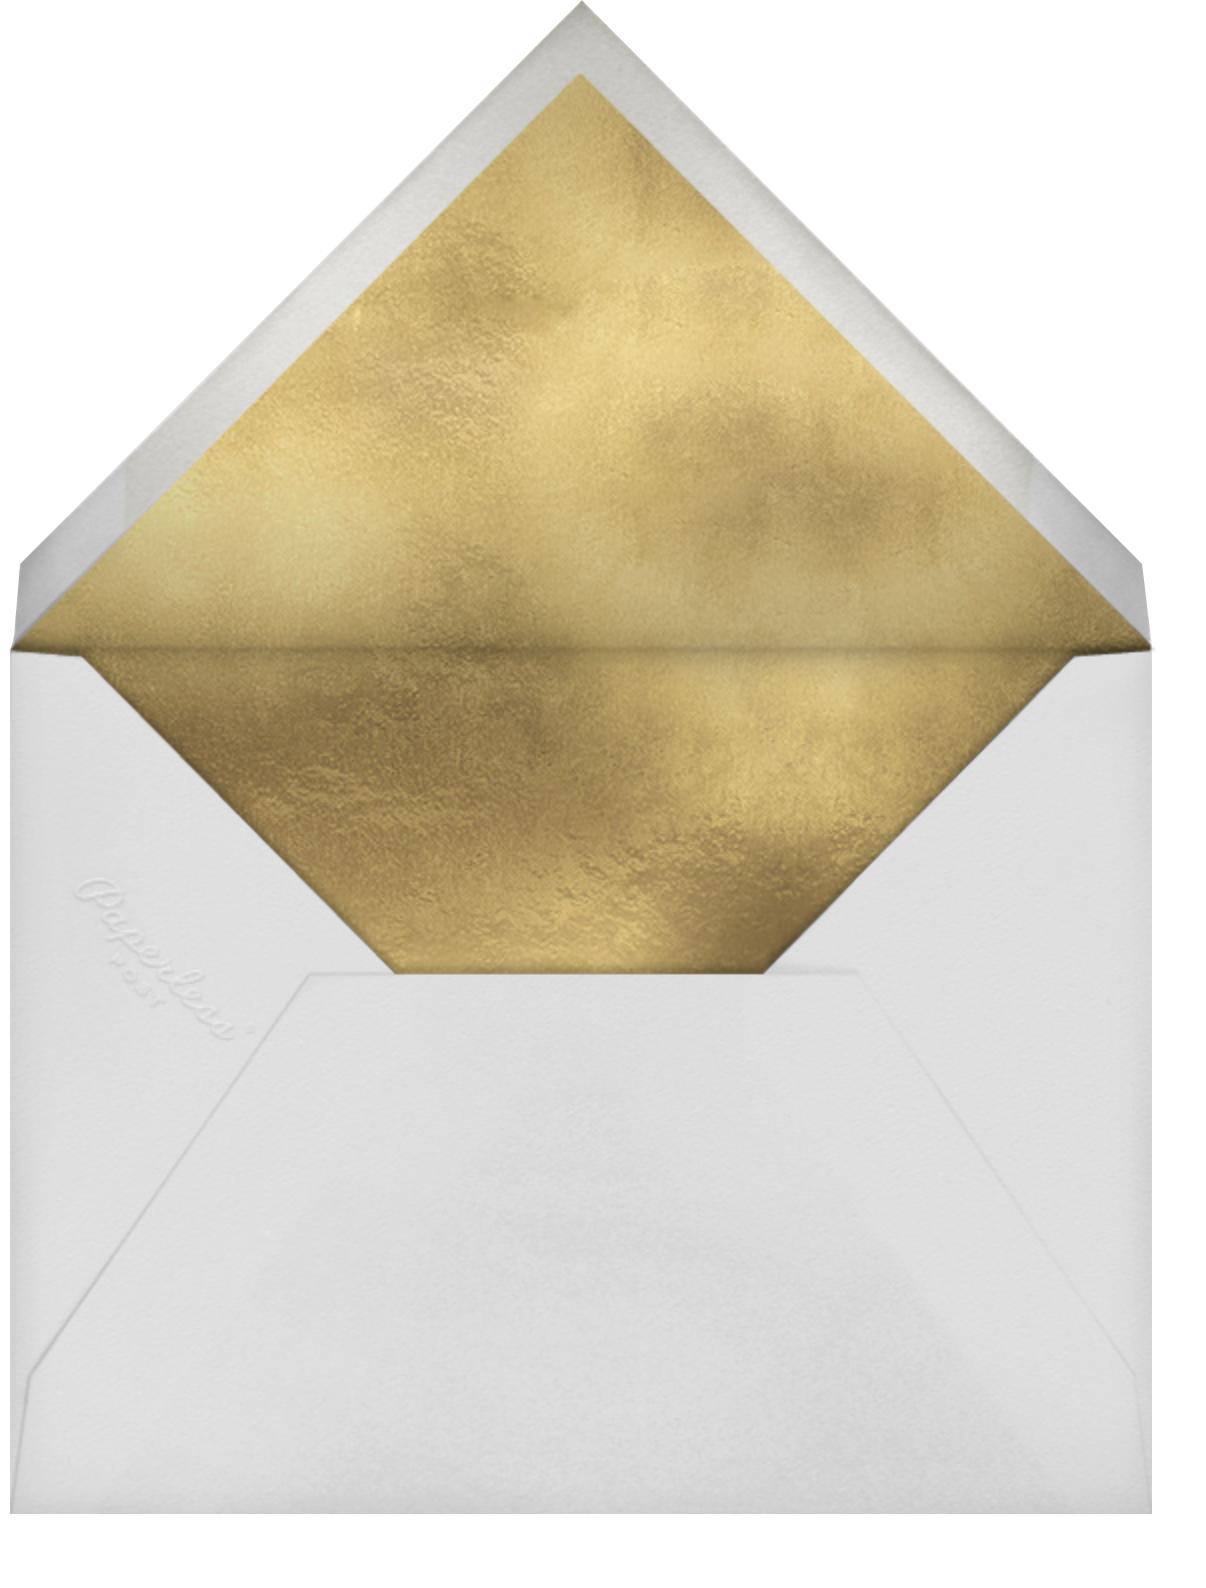 Falala (Invitation) - Flame - The Indigo Bunting - Christmas party - envelope back